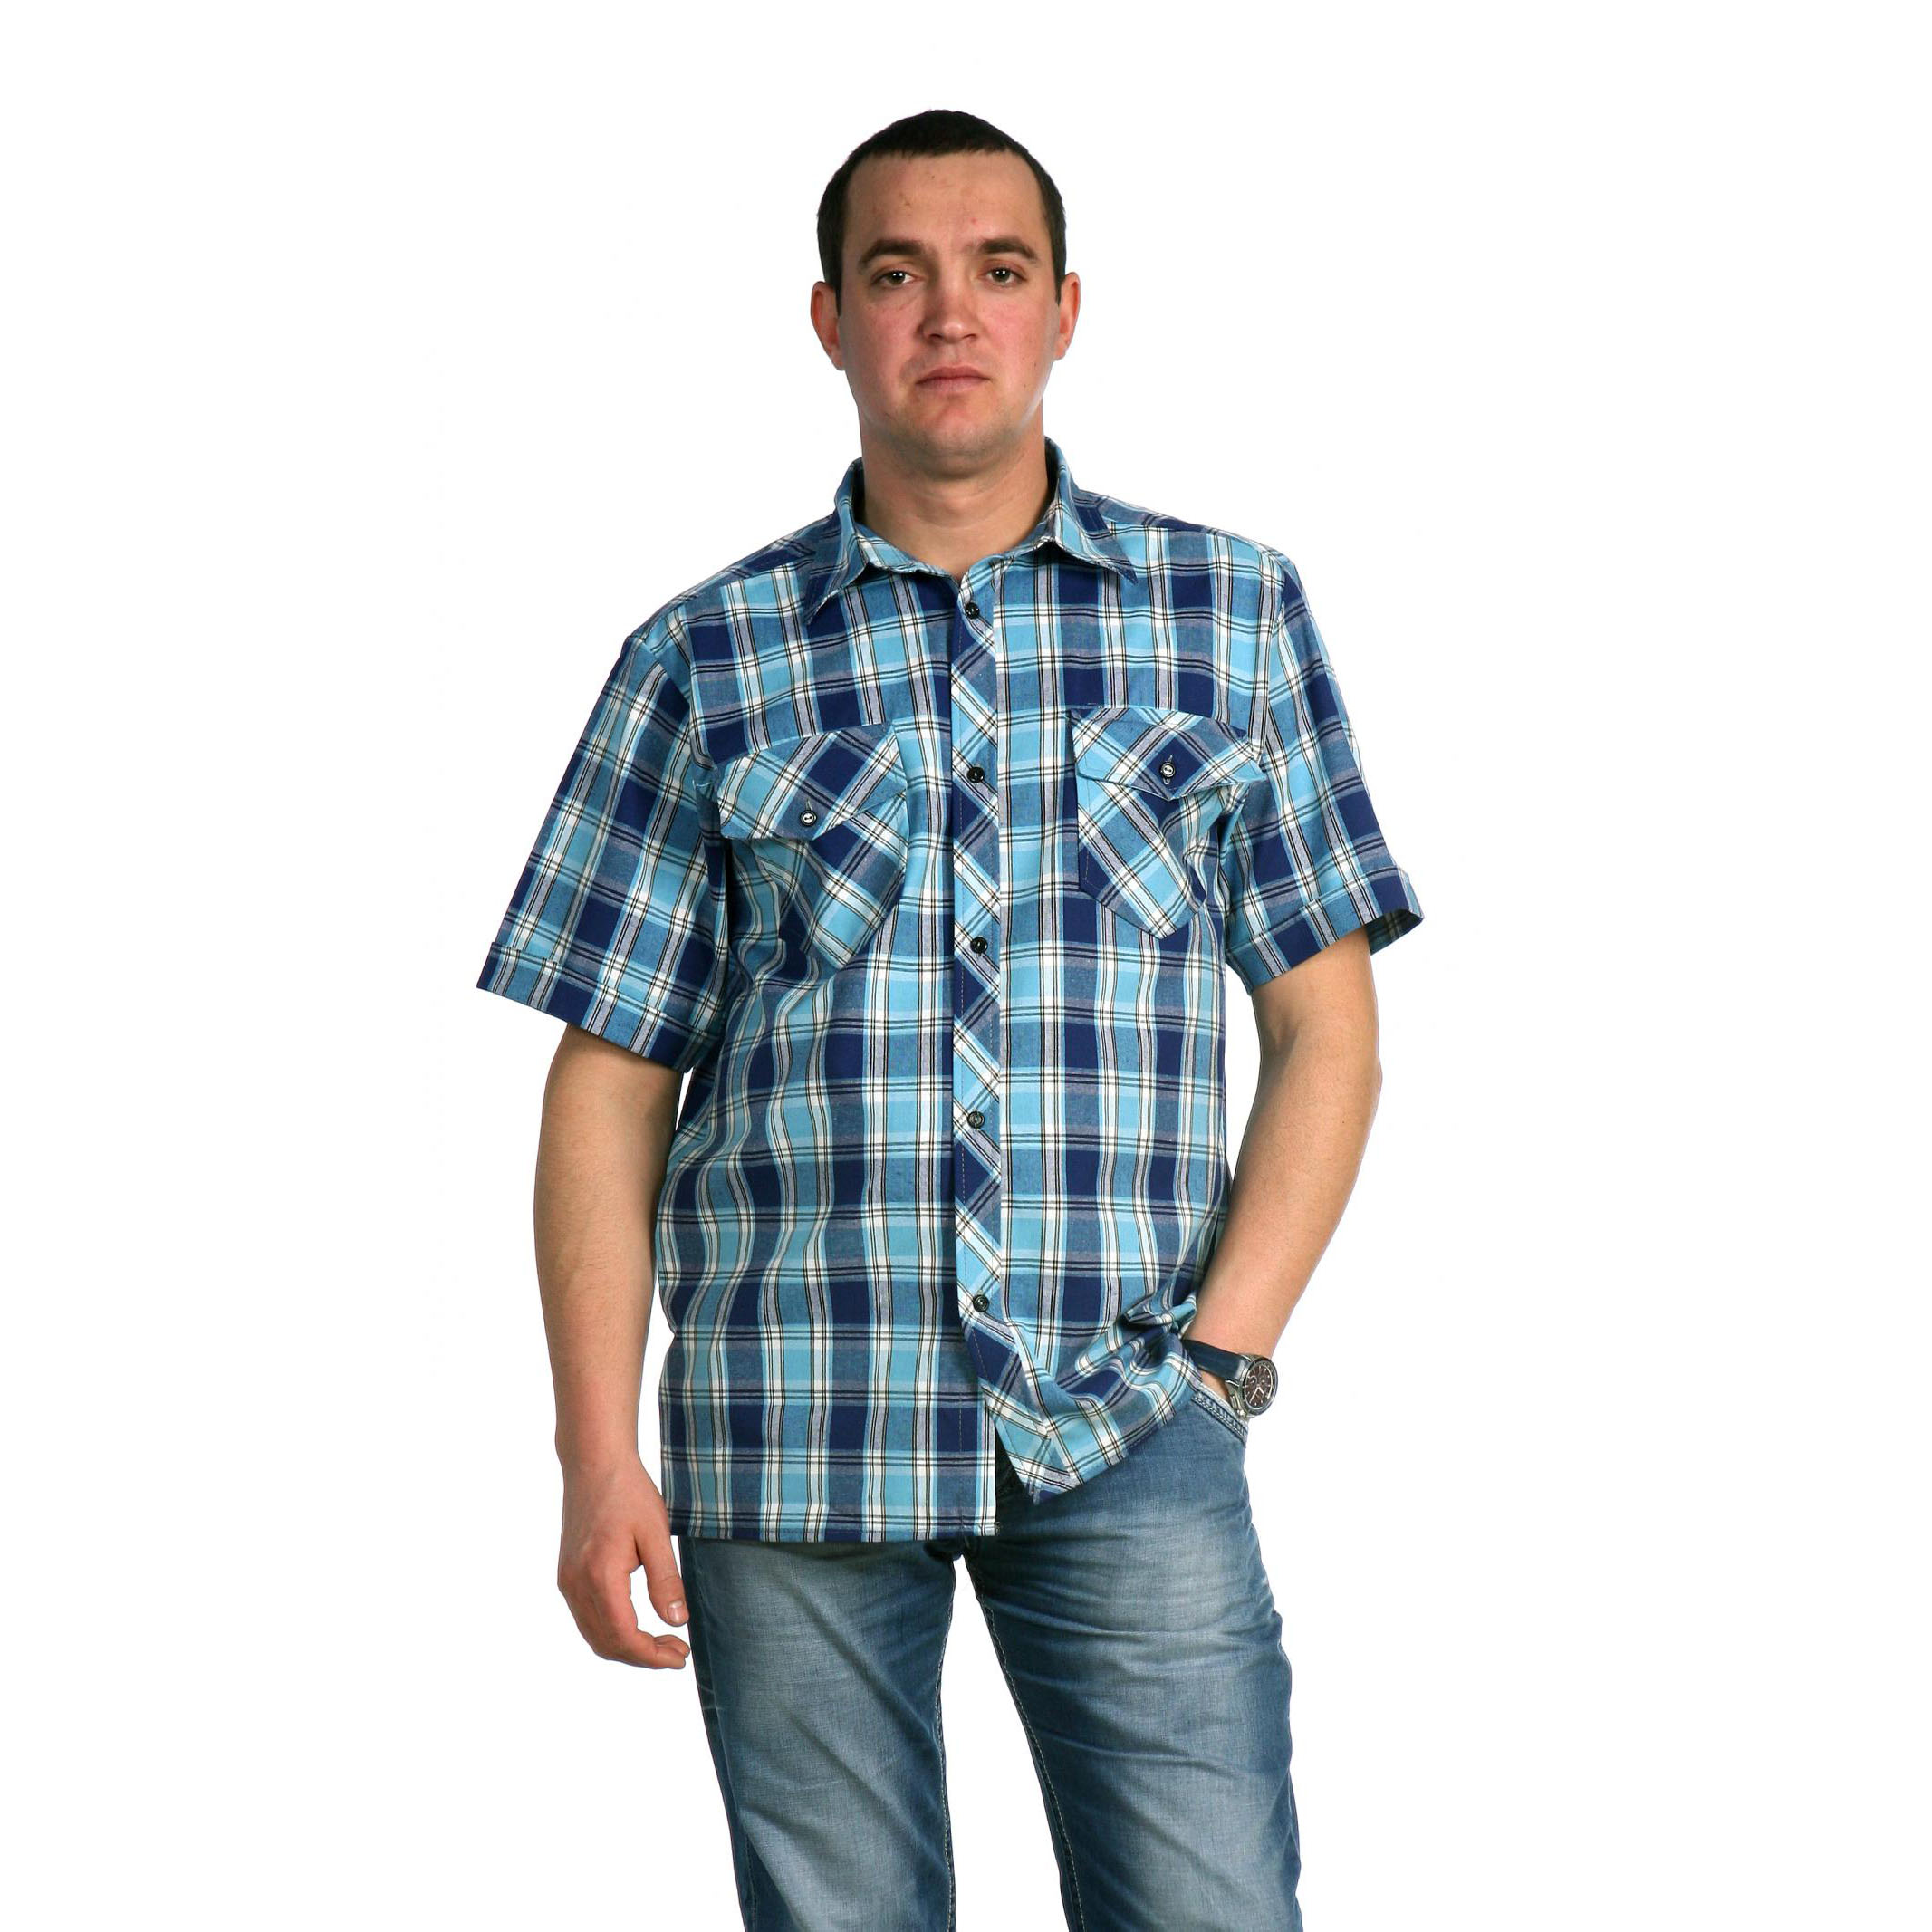 Мужская рубашка «Аллан» арт. 0013, размер 48 - Мужская одежда артикул: 16627